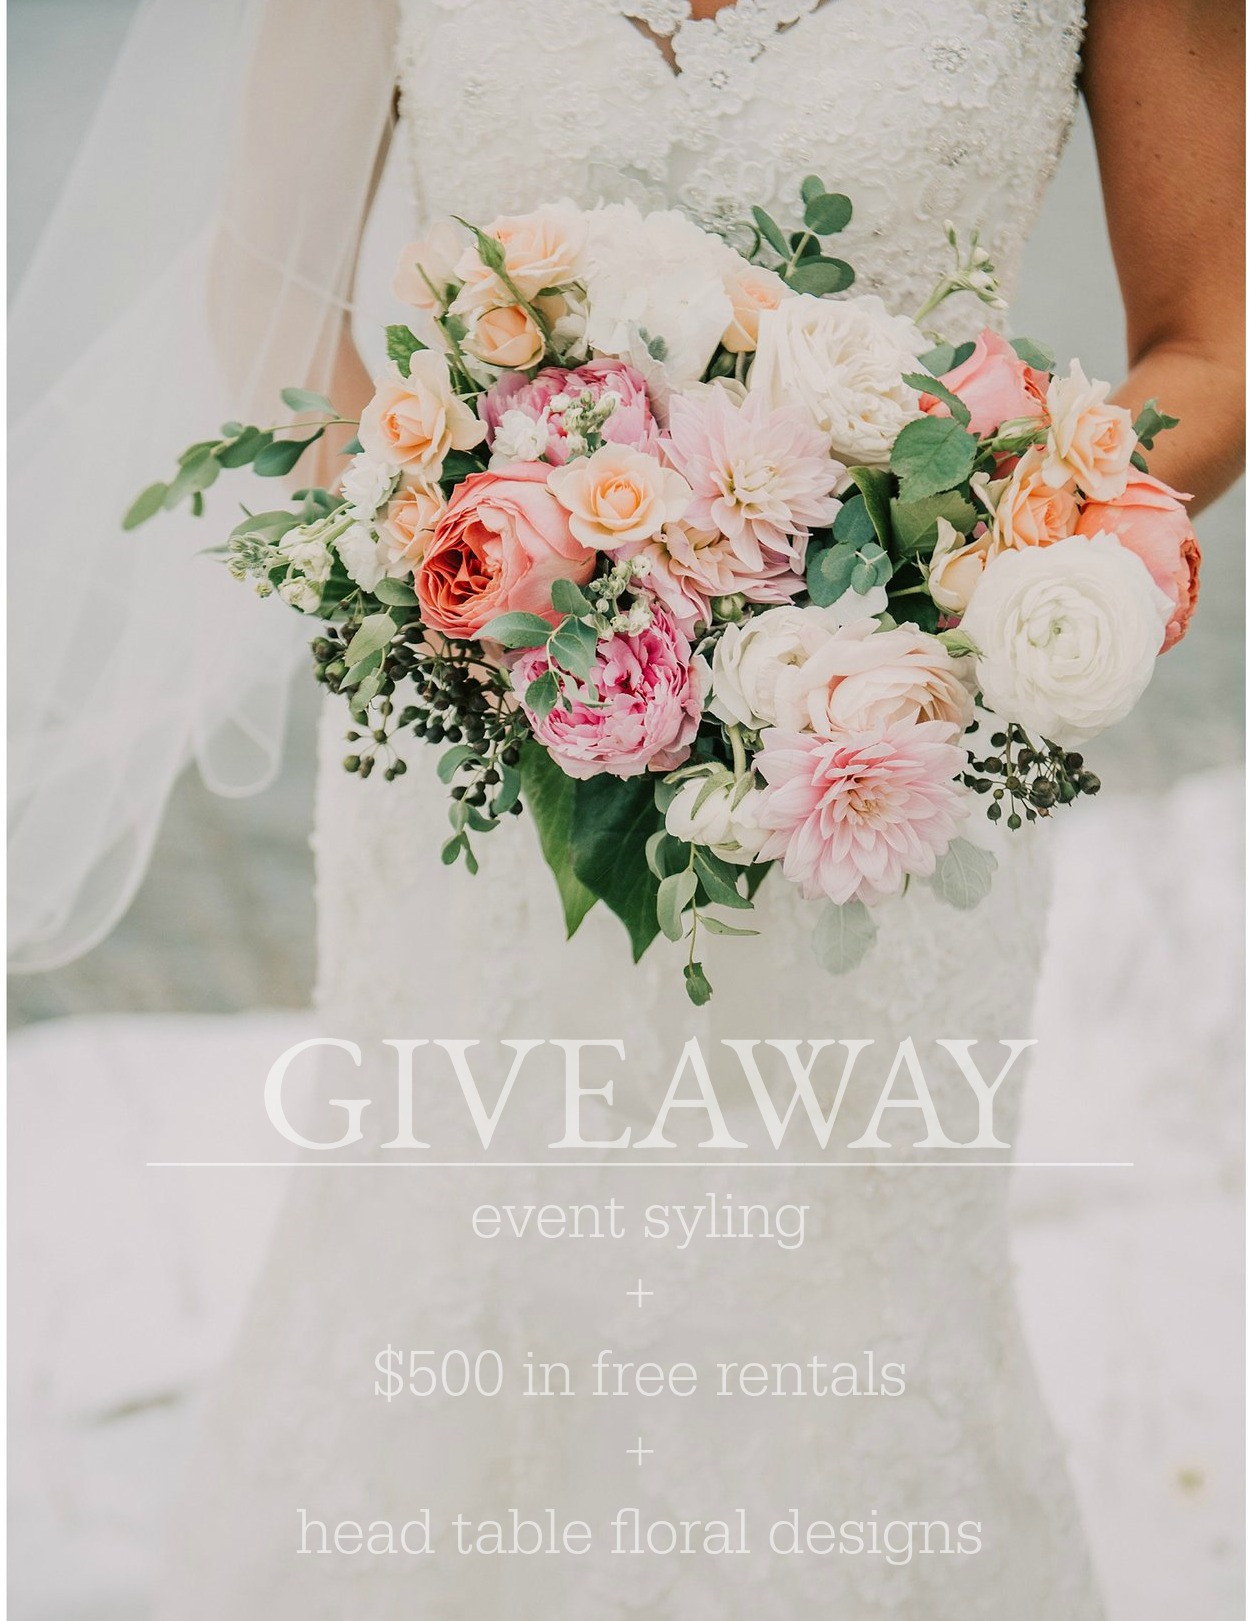 weddinggiveaway (1).jpg